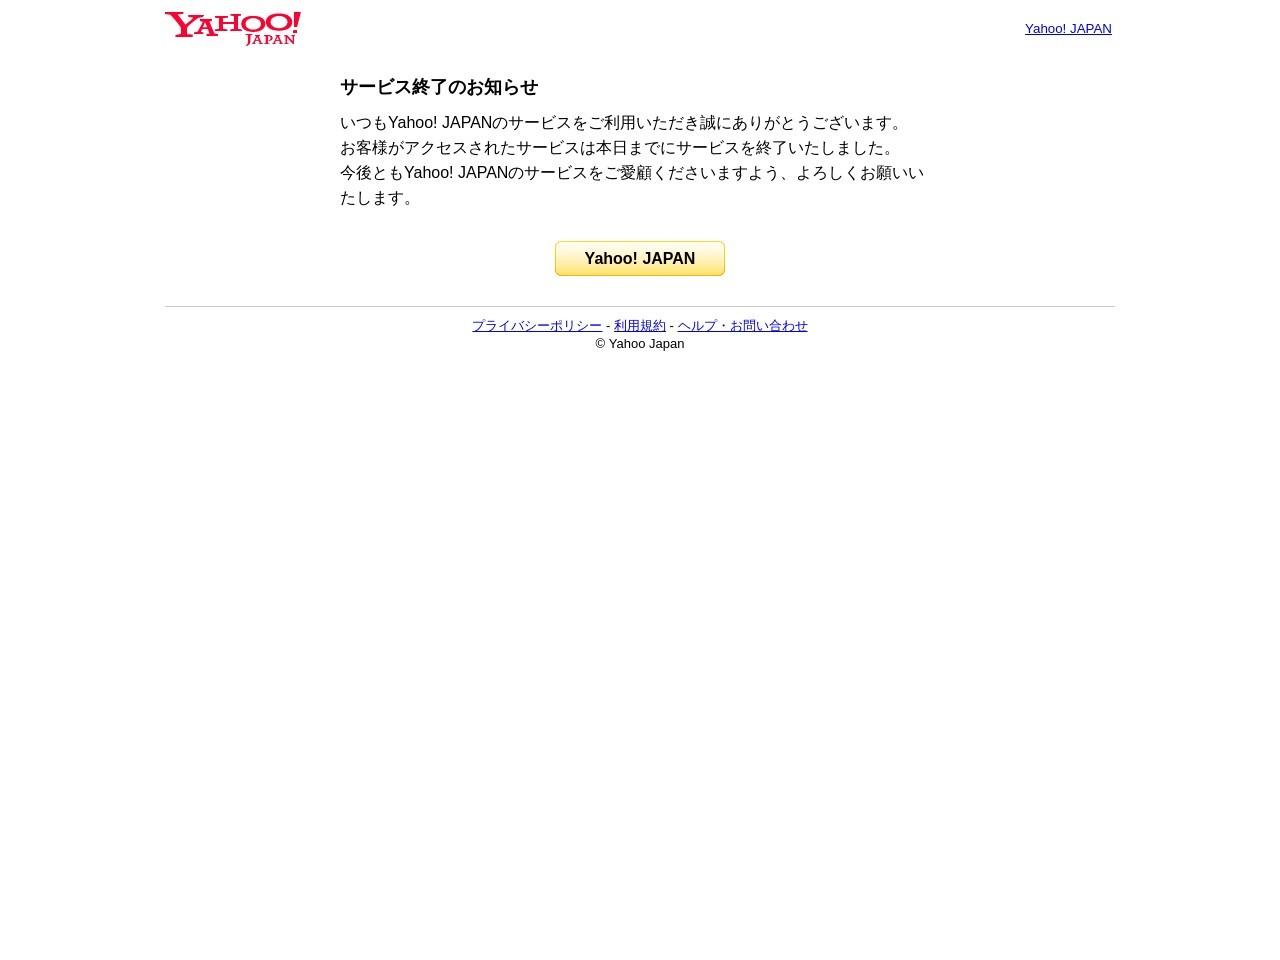 簡単ホームページ作成サービス(無料) - Yahoo!ジオシティーズ